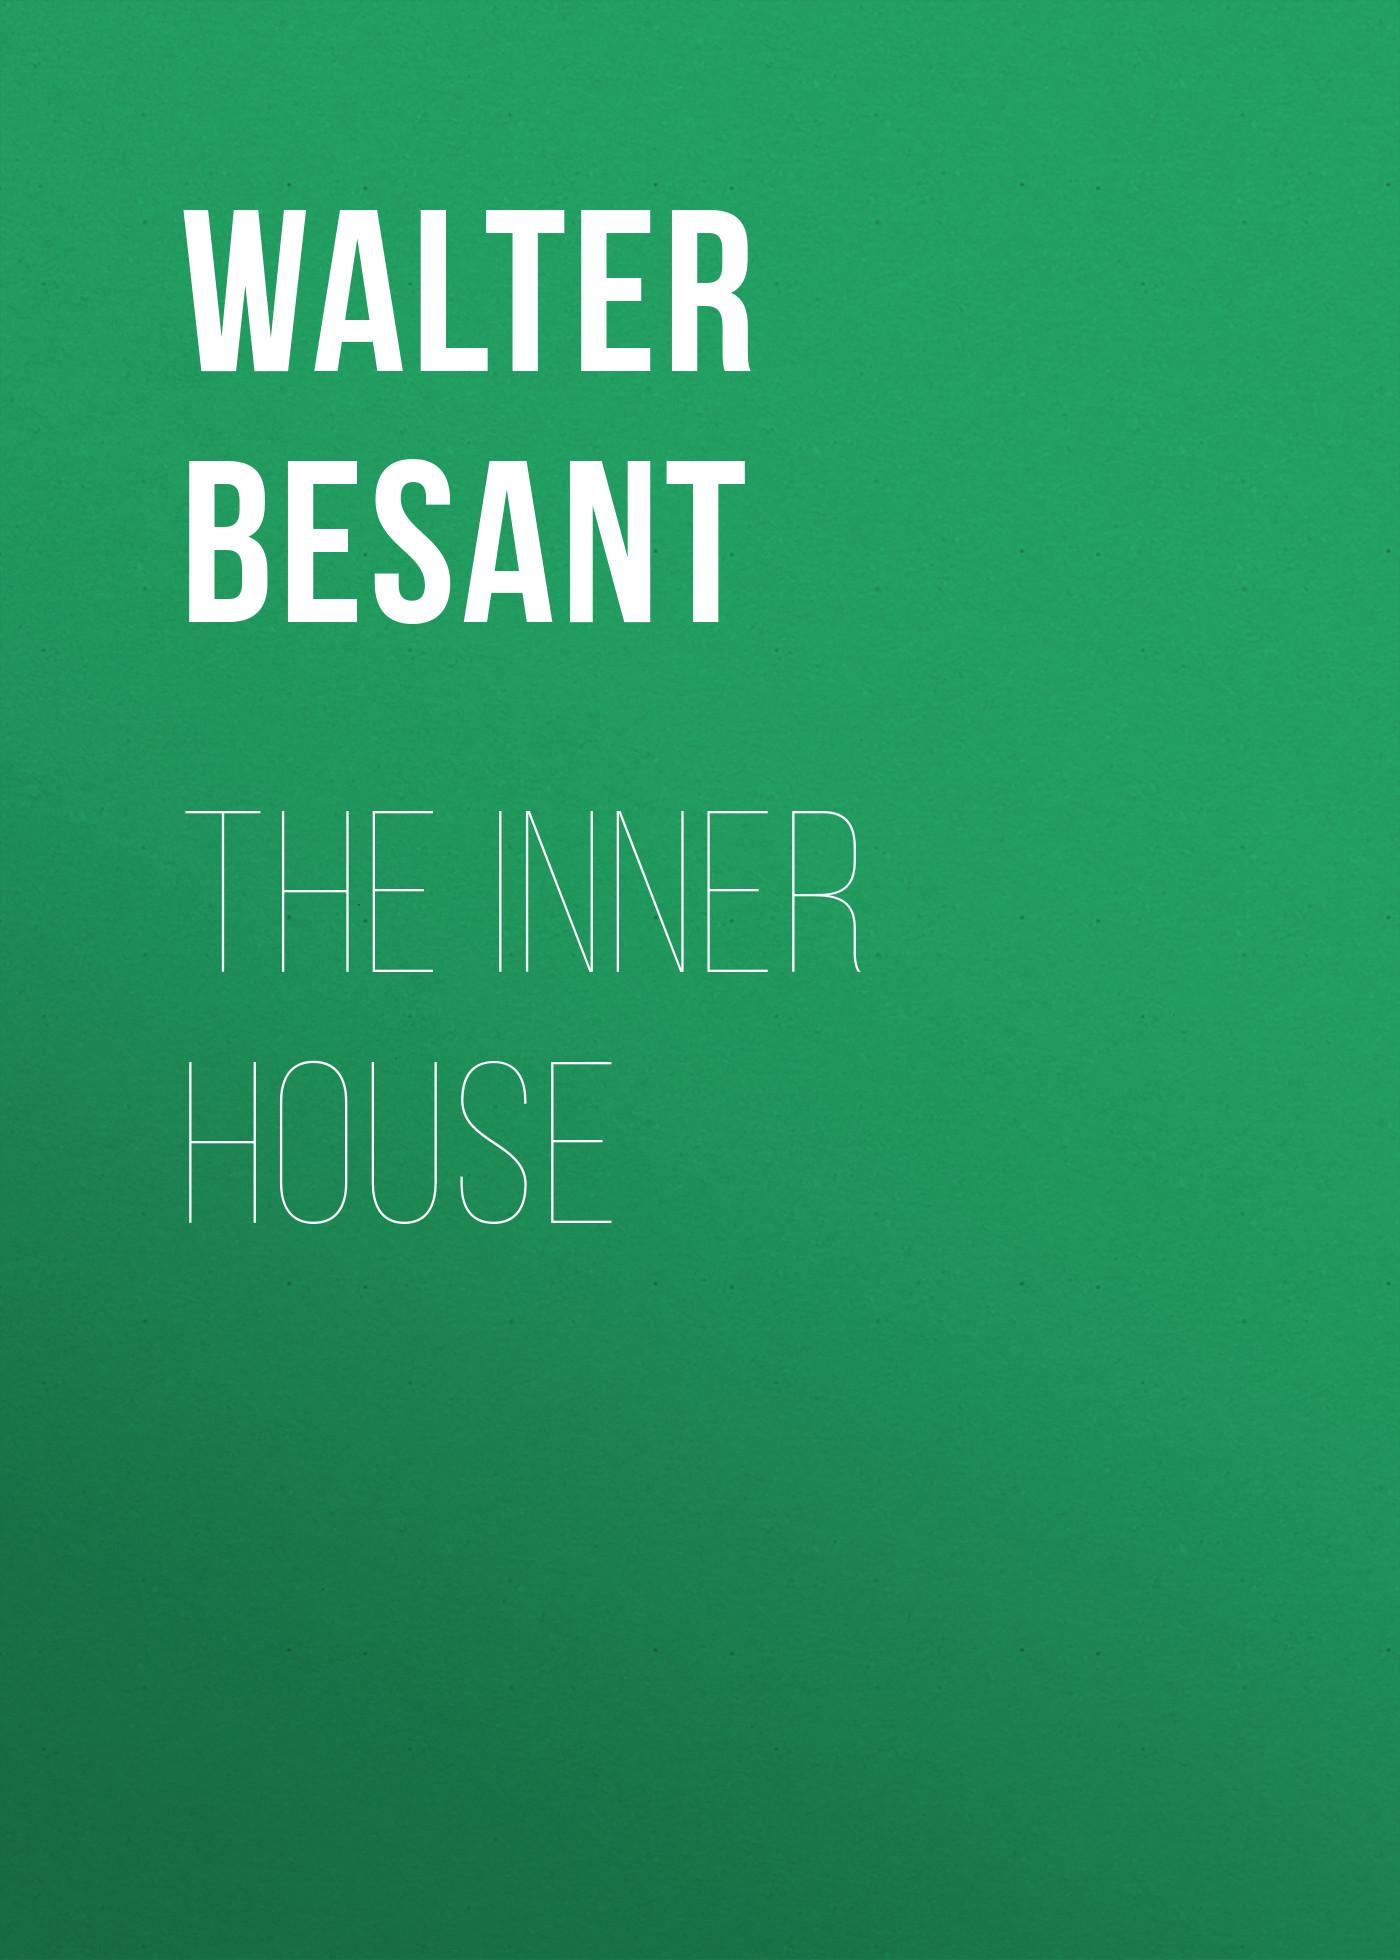 все цены на Walter Besant The inner house онлайн